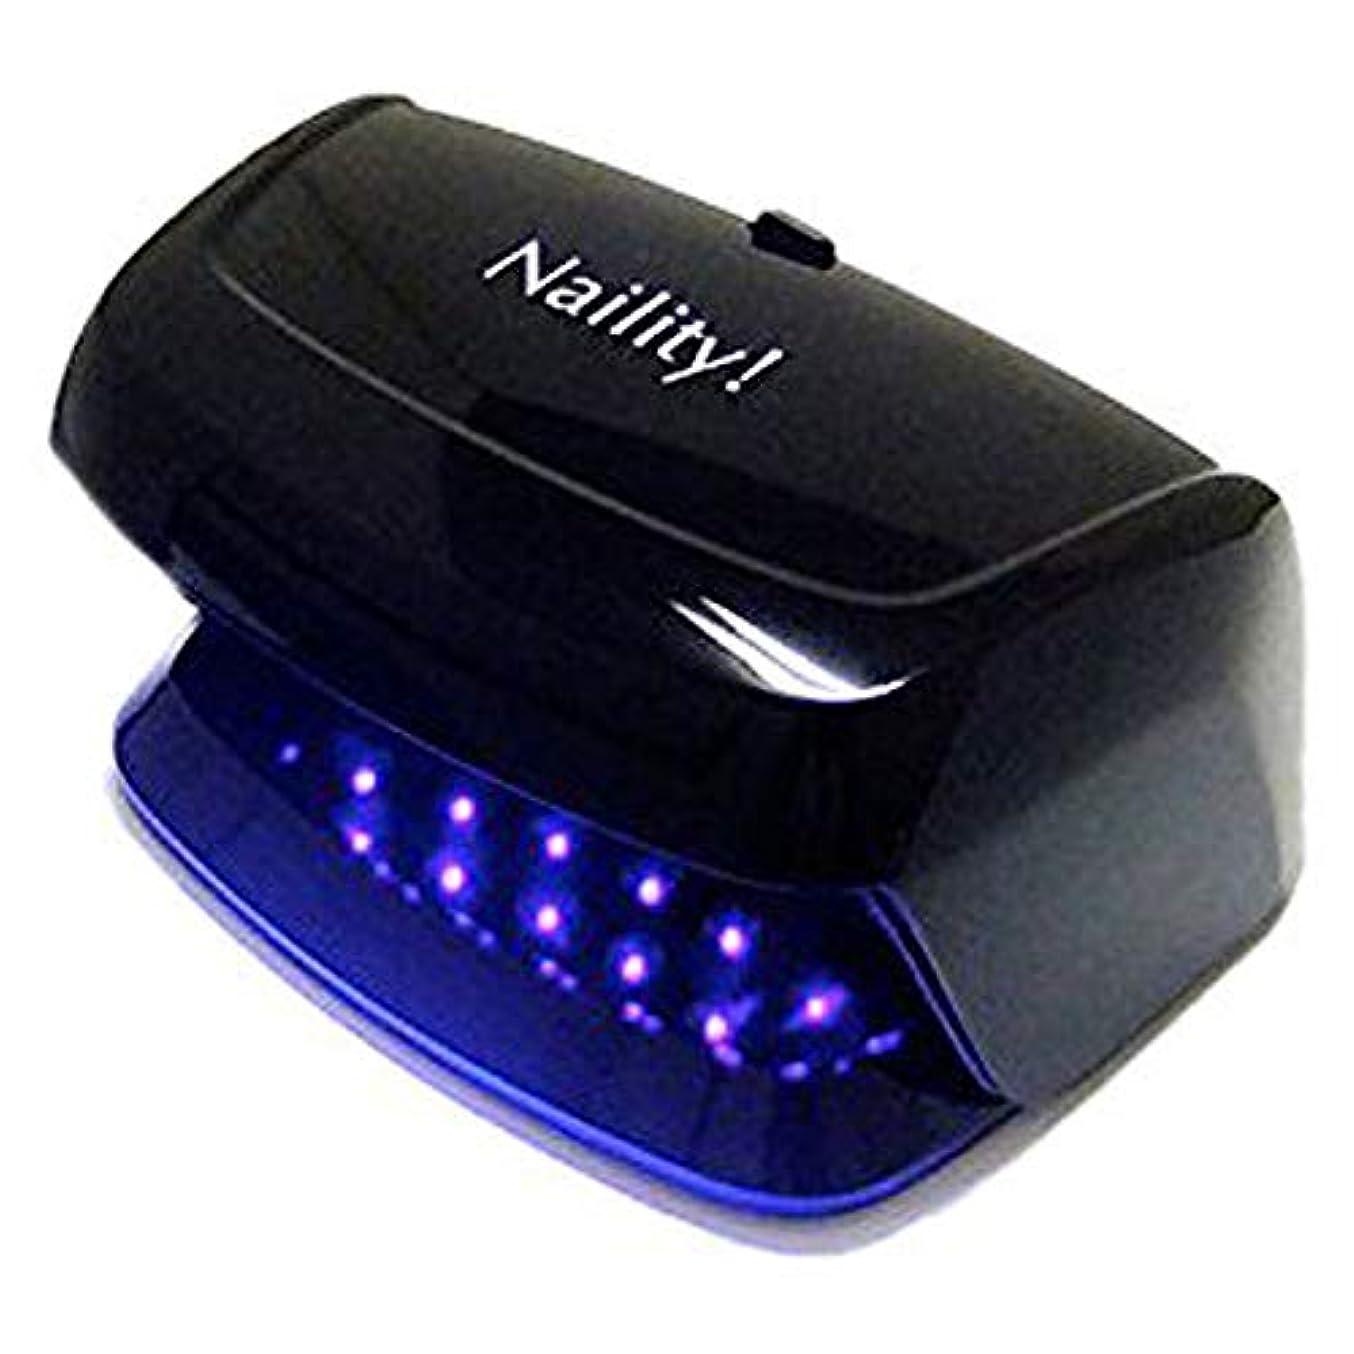 コンチネンタル決済判定Naility!(ネイリティ!) Naility! LEDライト 3W /Black ジェルネイル 1個